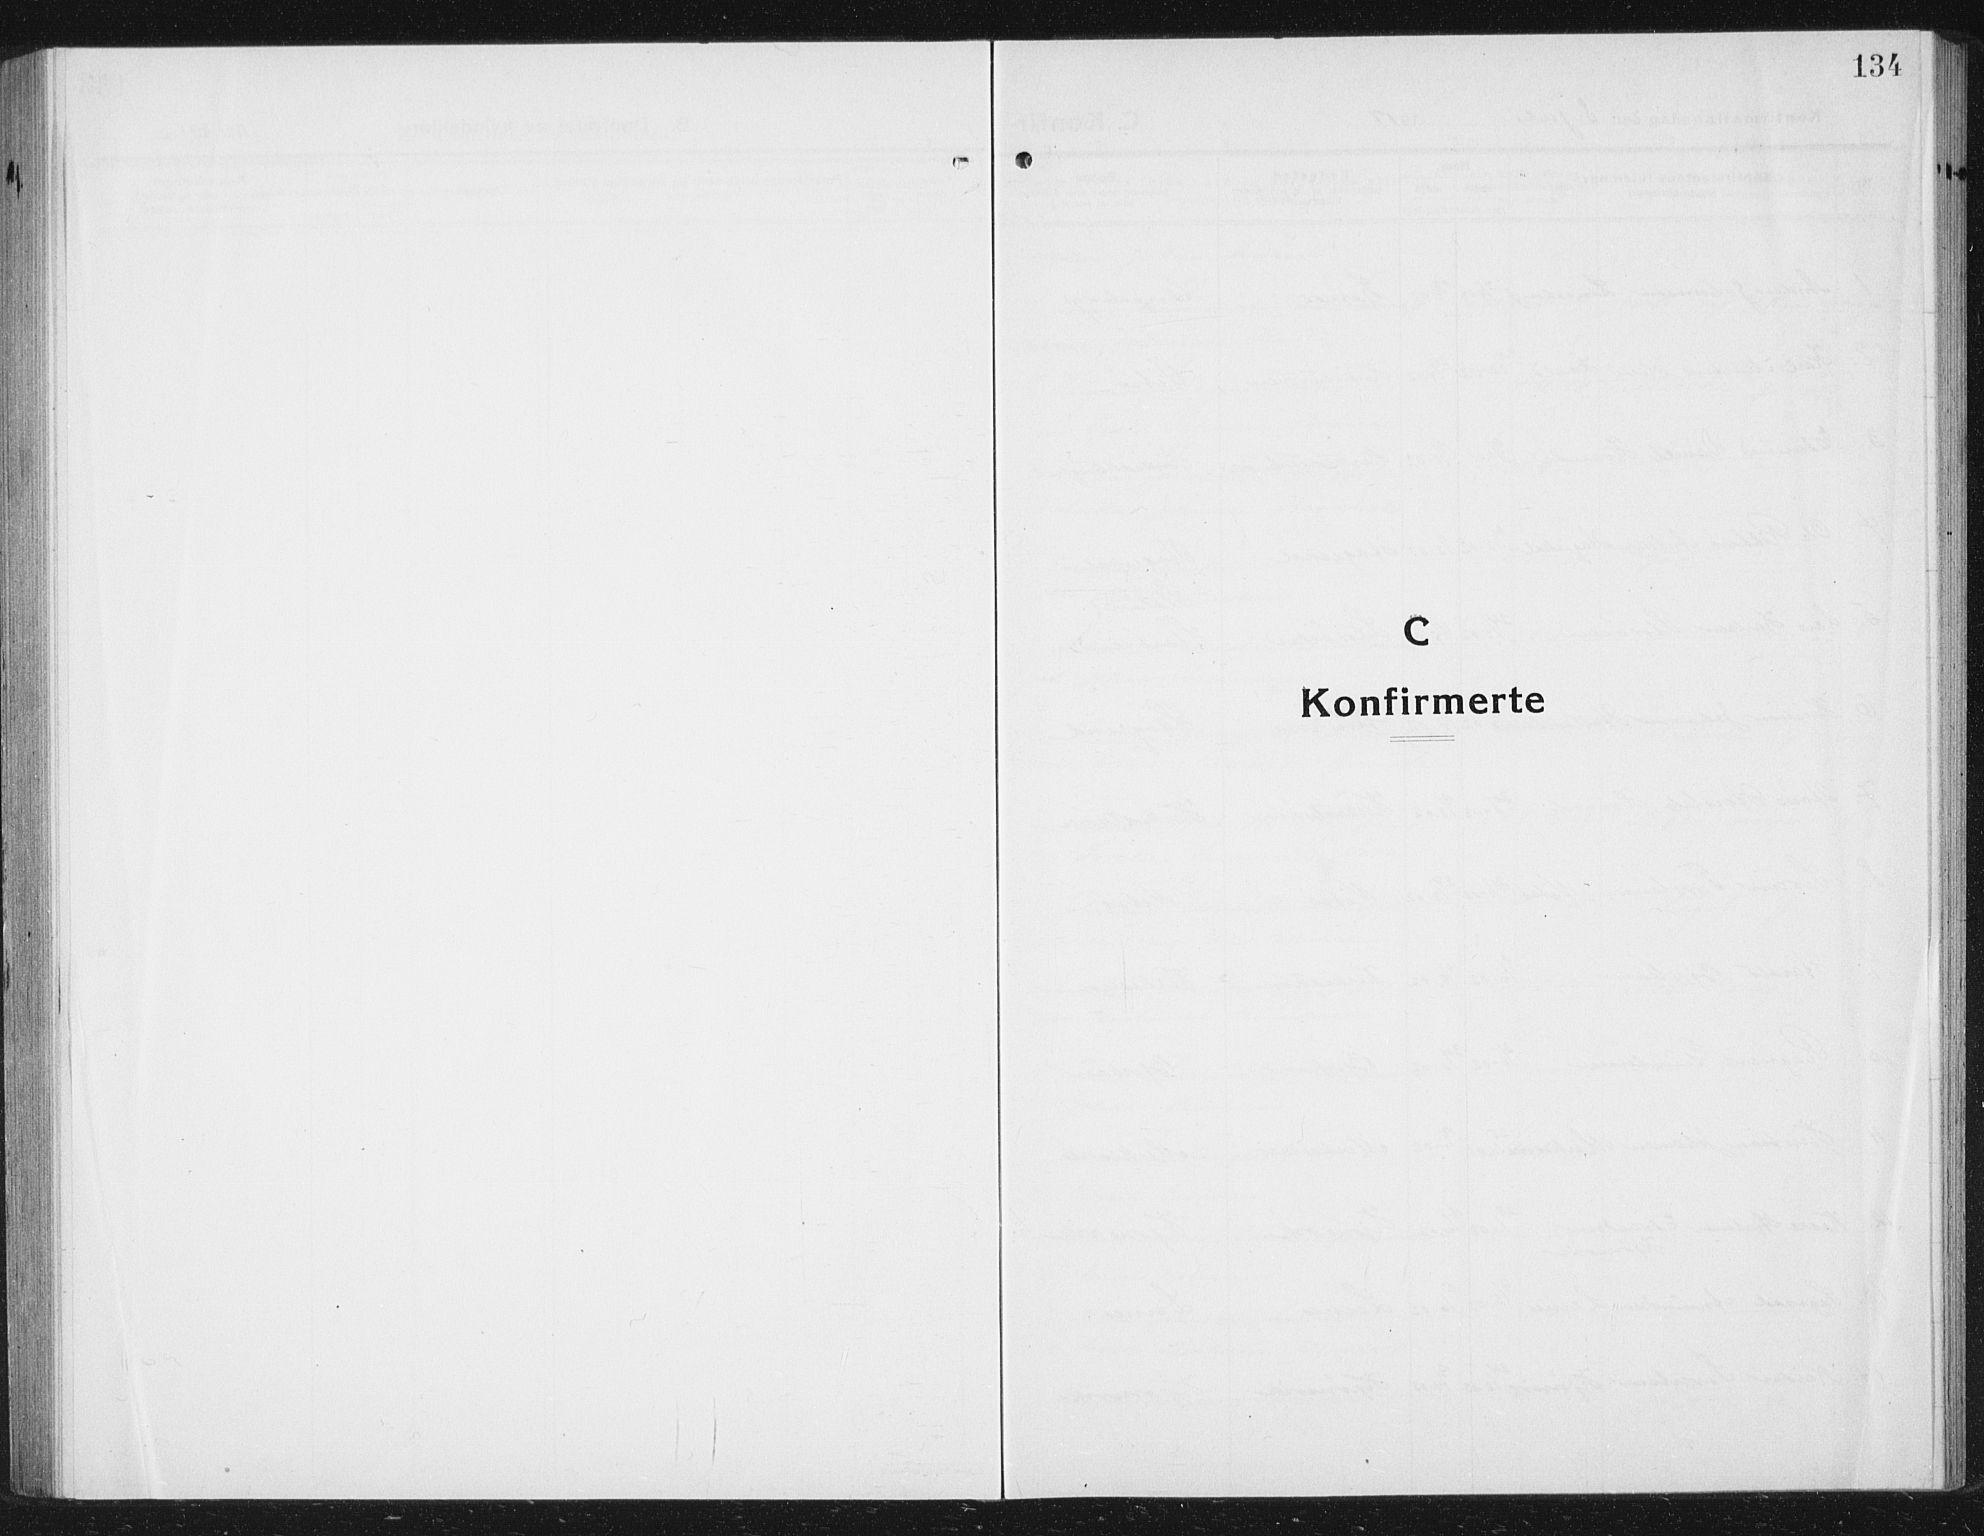 SAT, Ministerialprotokoller, klokkerbøker og fødselsregistre - Sør-Trøndelag, 630/L0506: Klokkerbok nr. 630C04, 1914-1933, s. 134